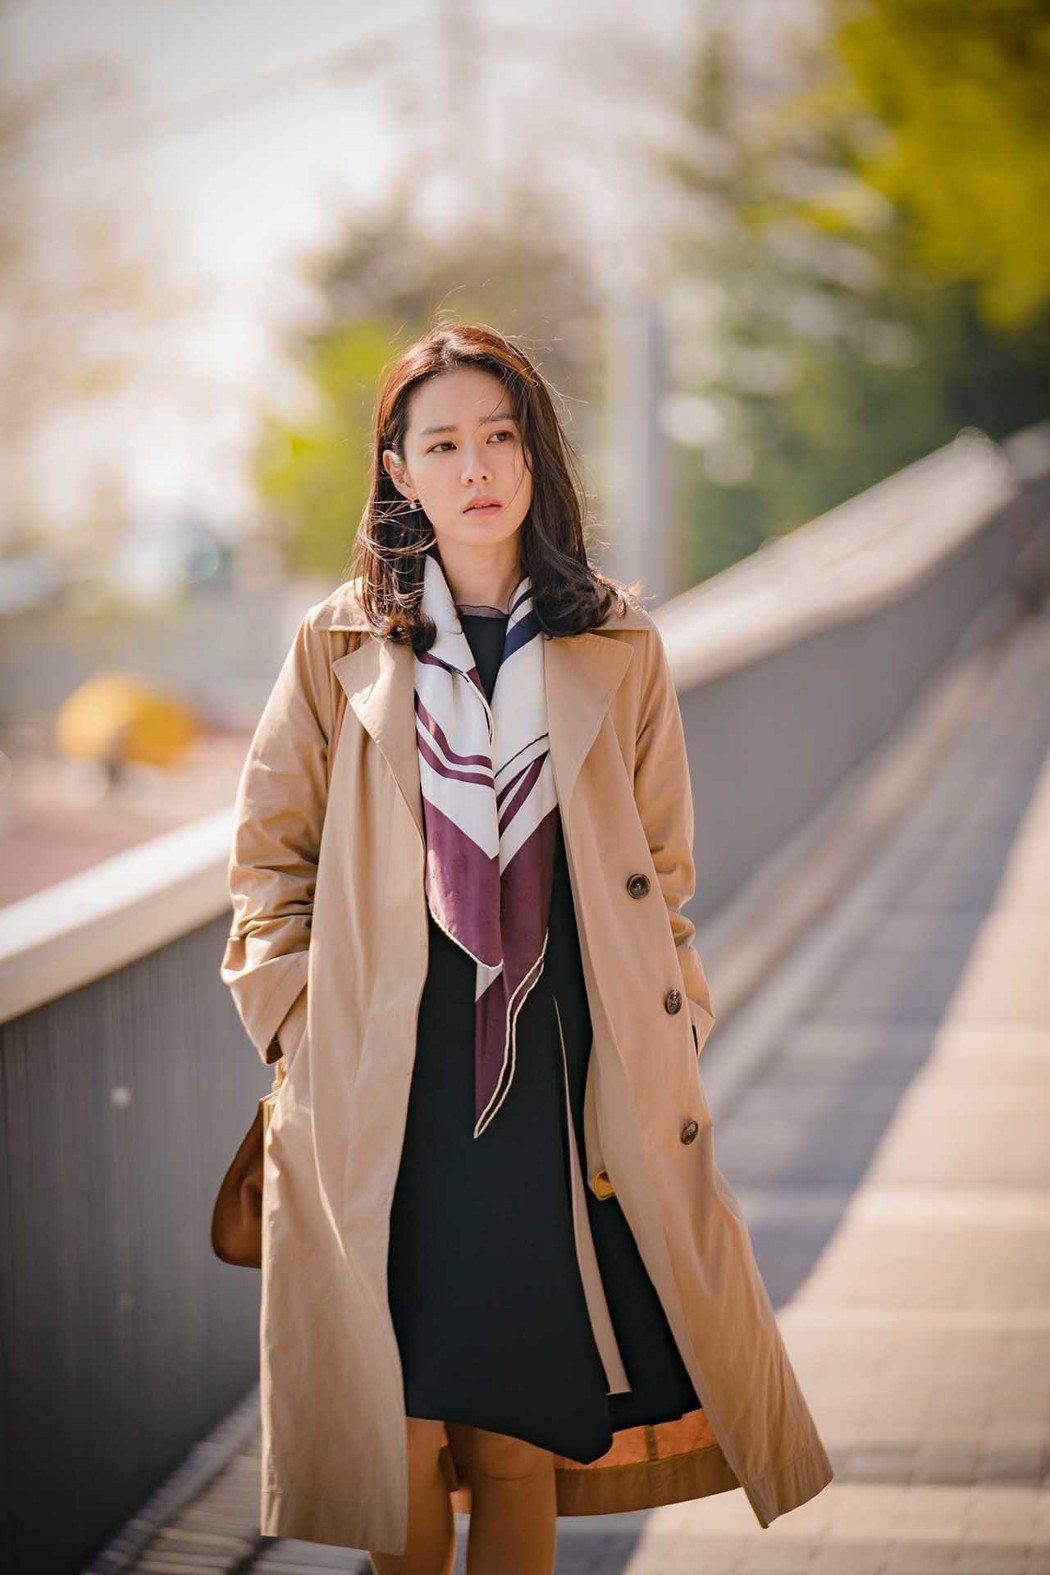 孫藝真睽違5 年重返電視螢光幕。圖/東森戲劇台提供